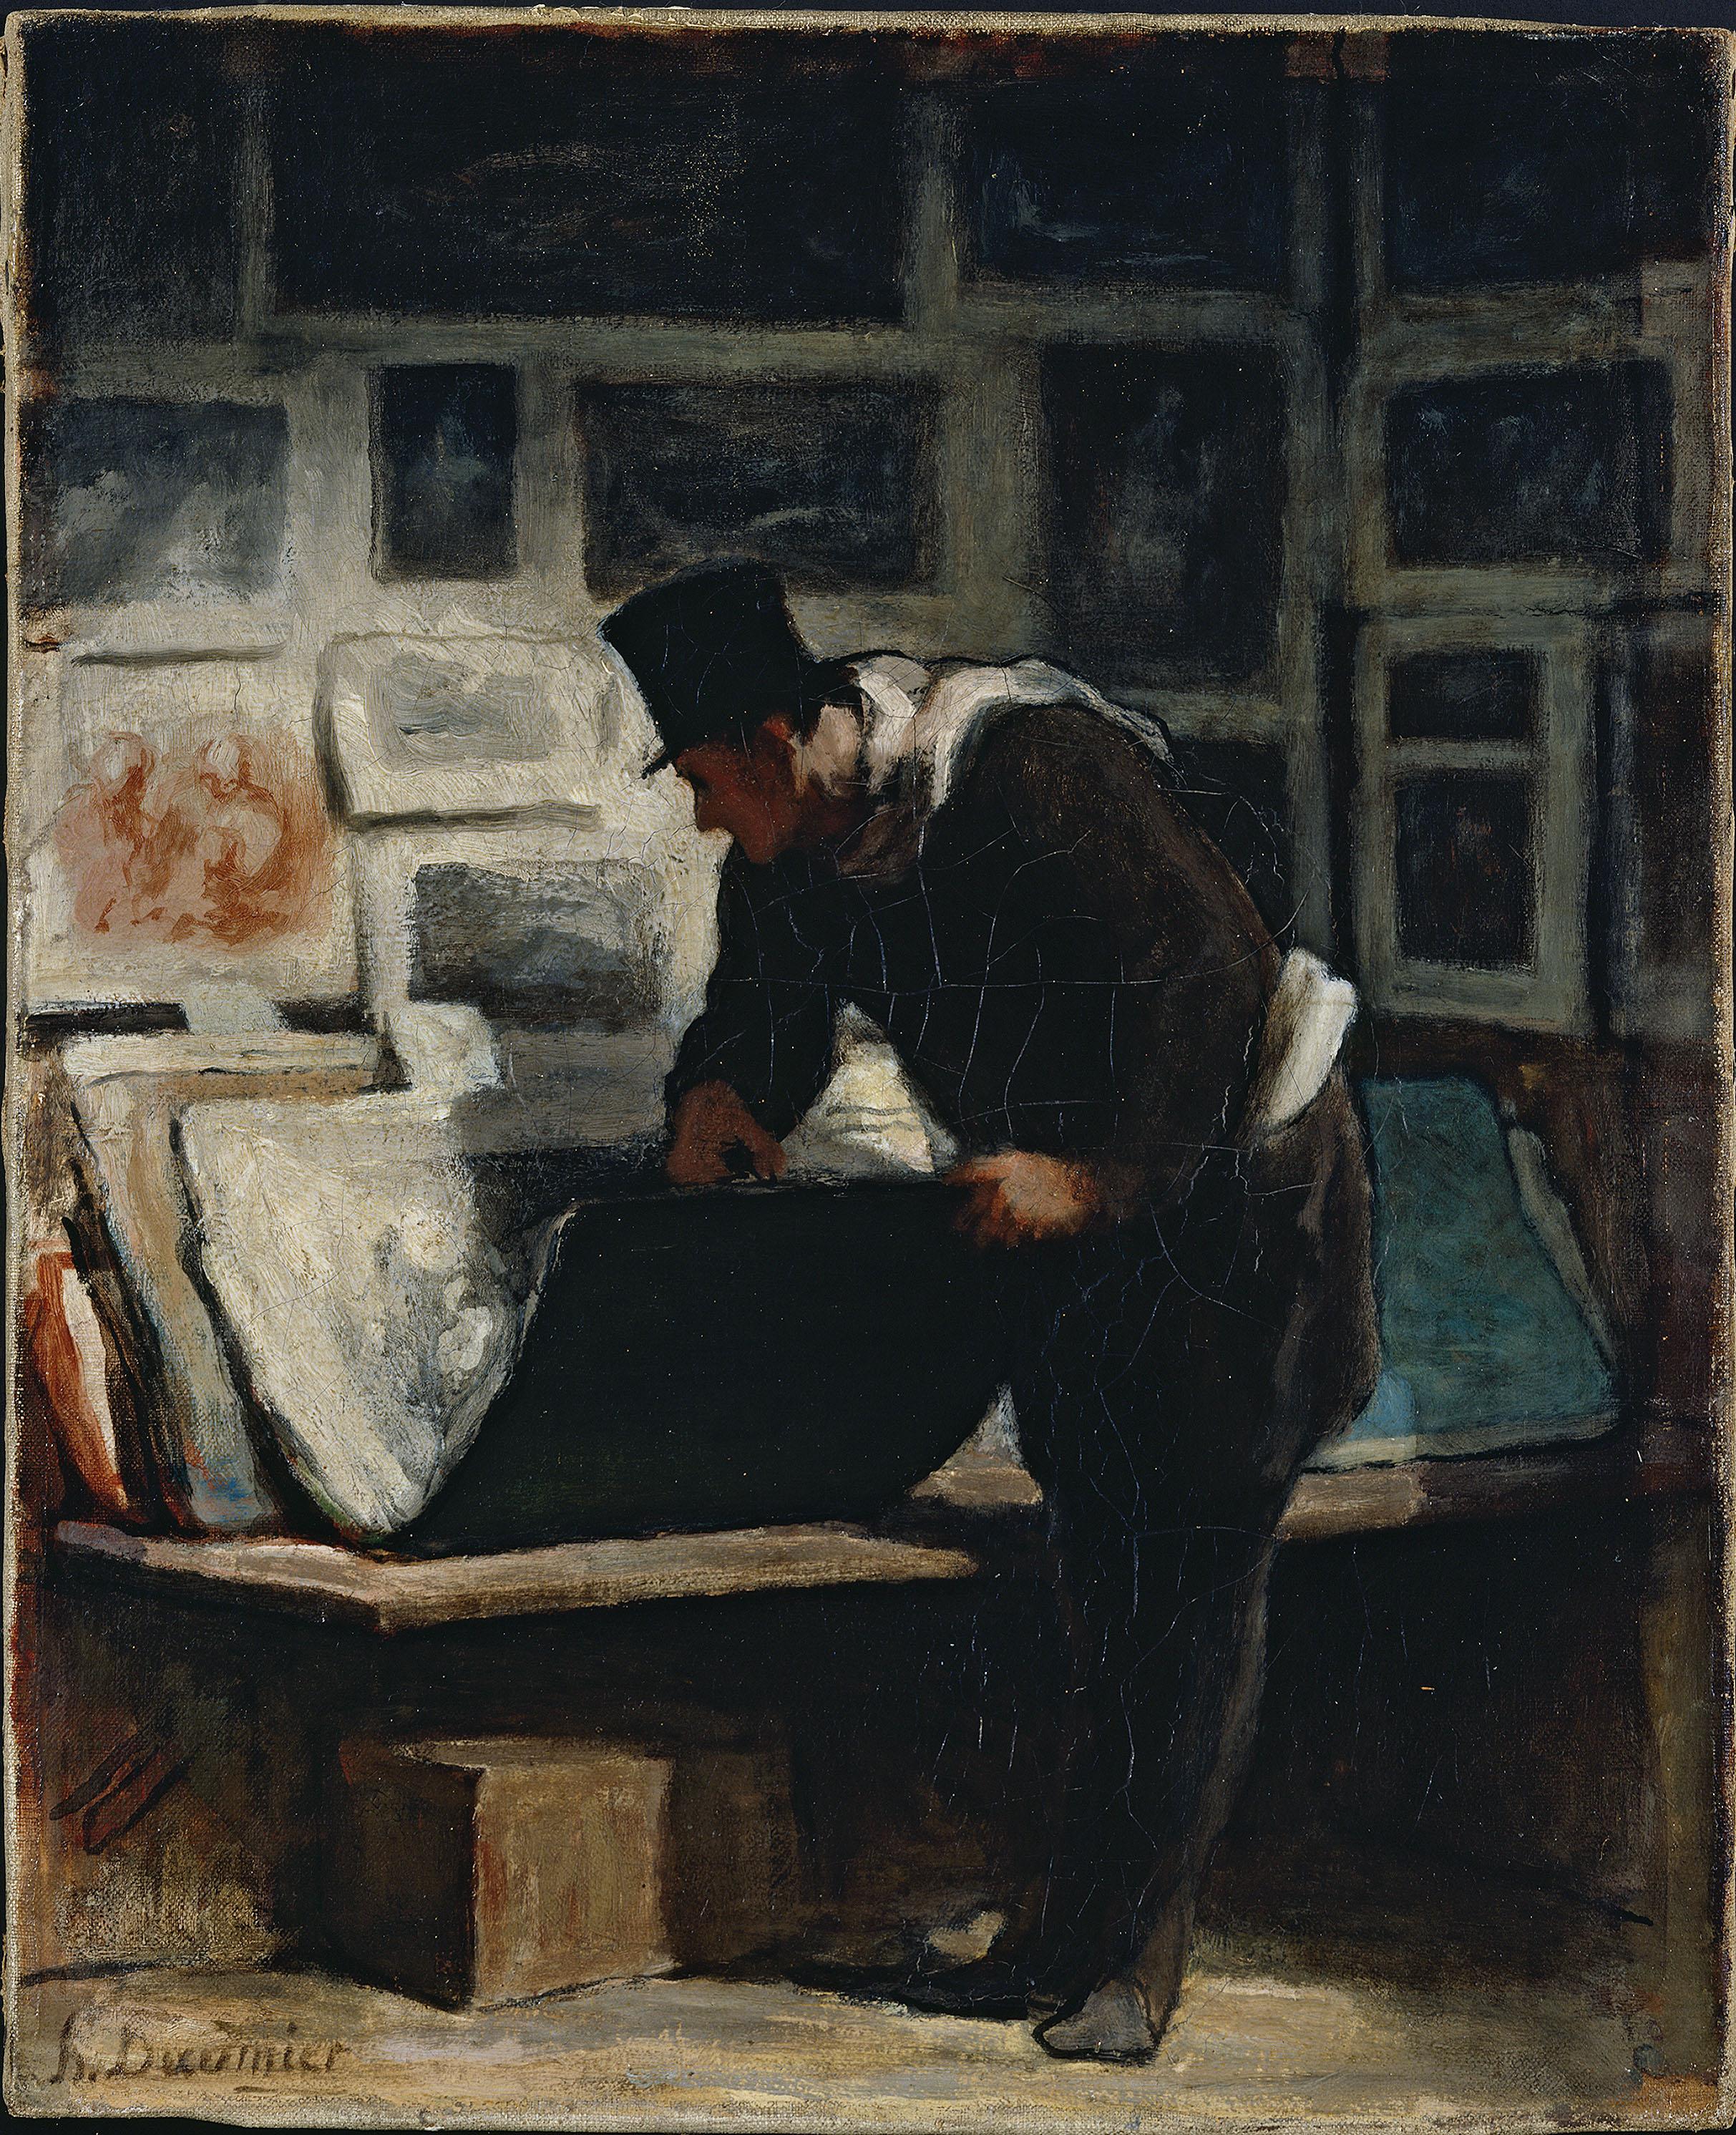 Honoré Daumier - L'amateur d'estampes